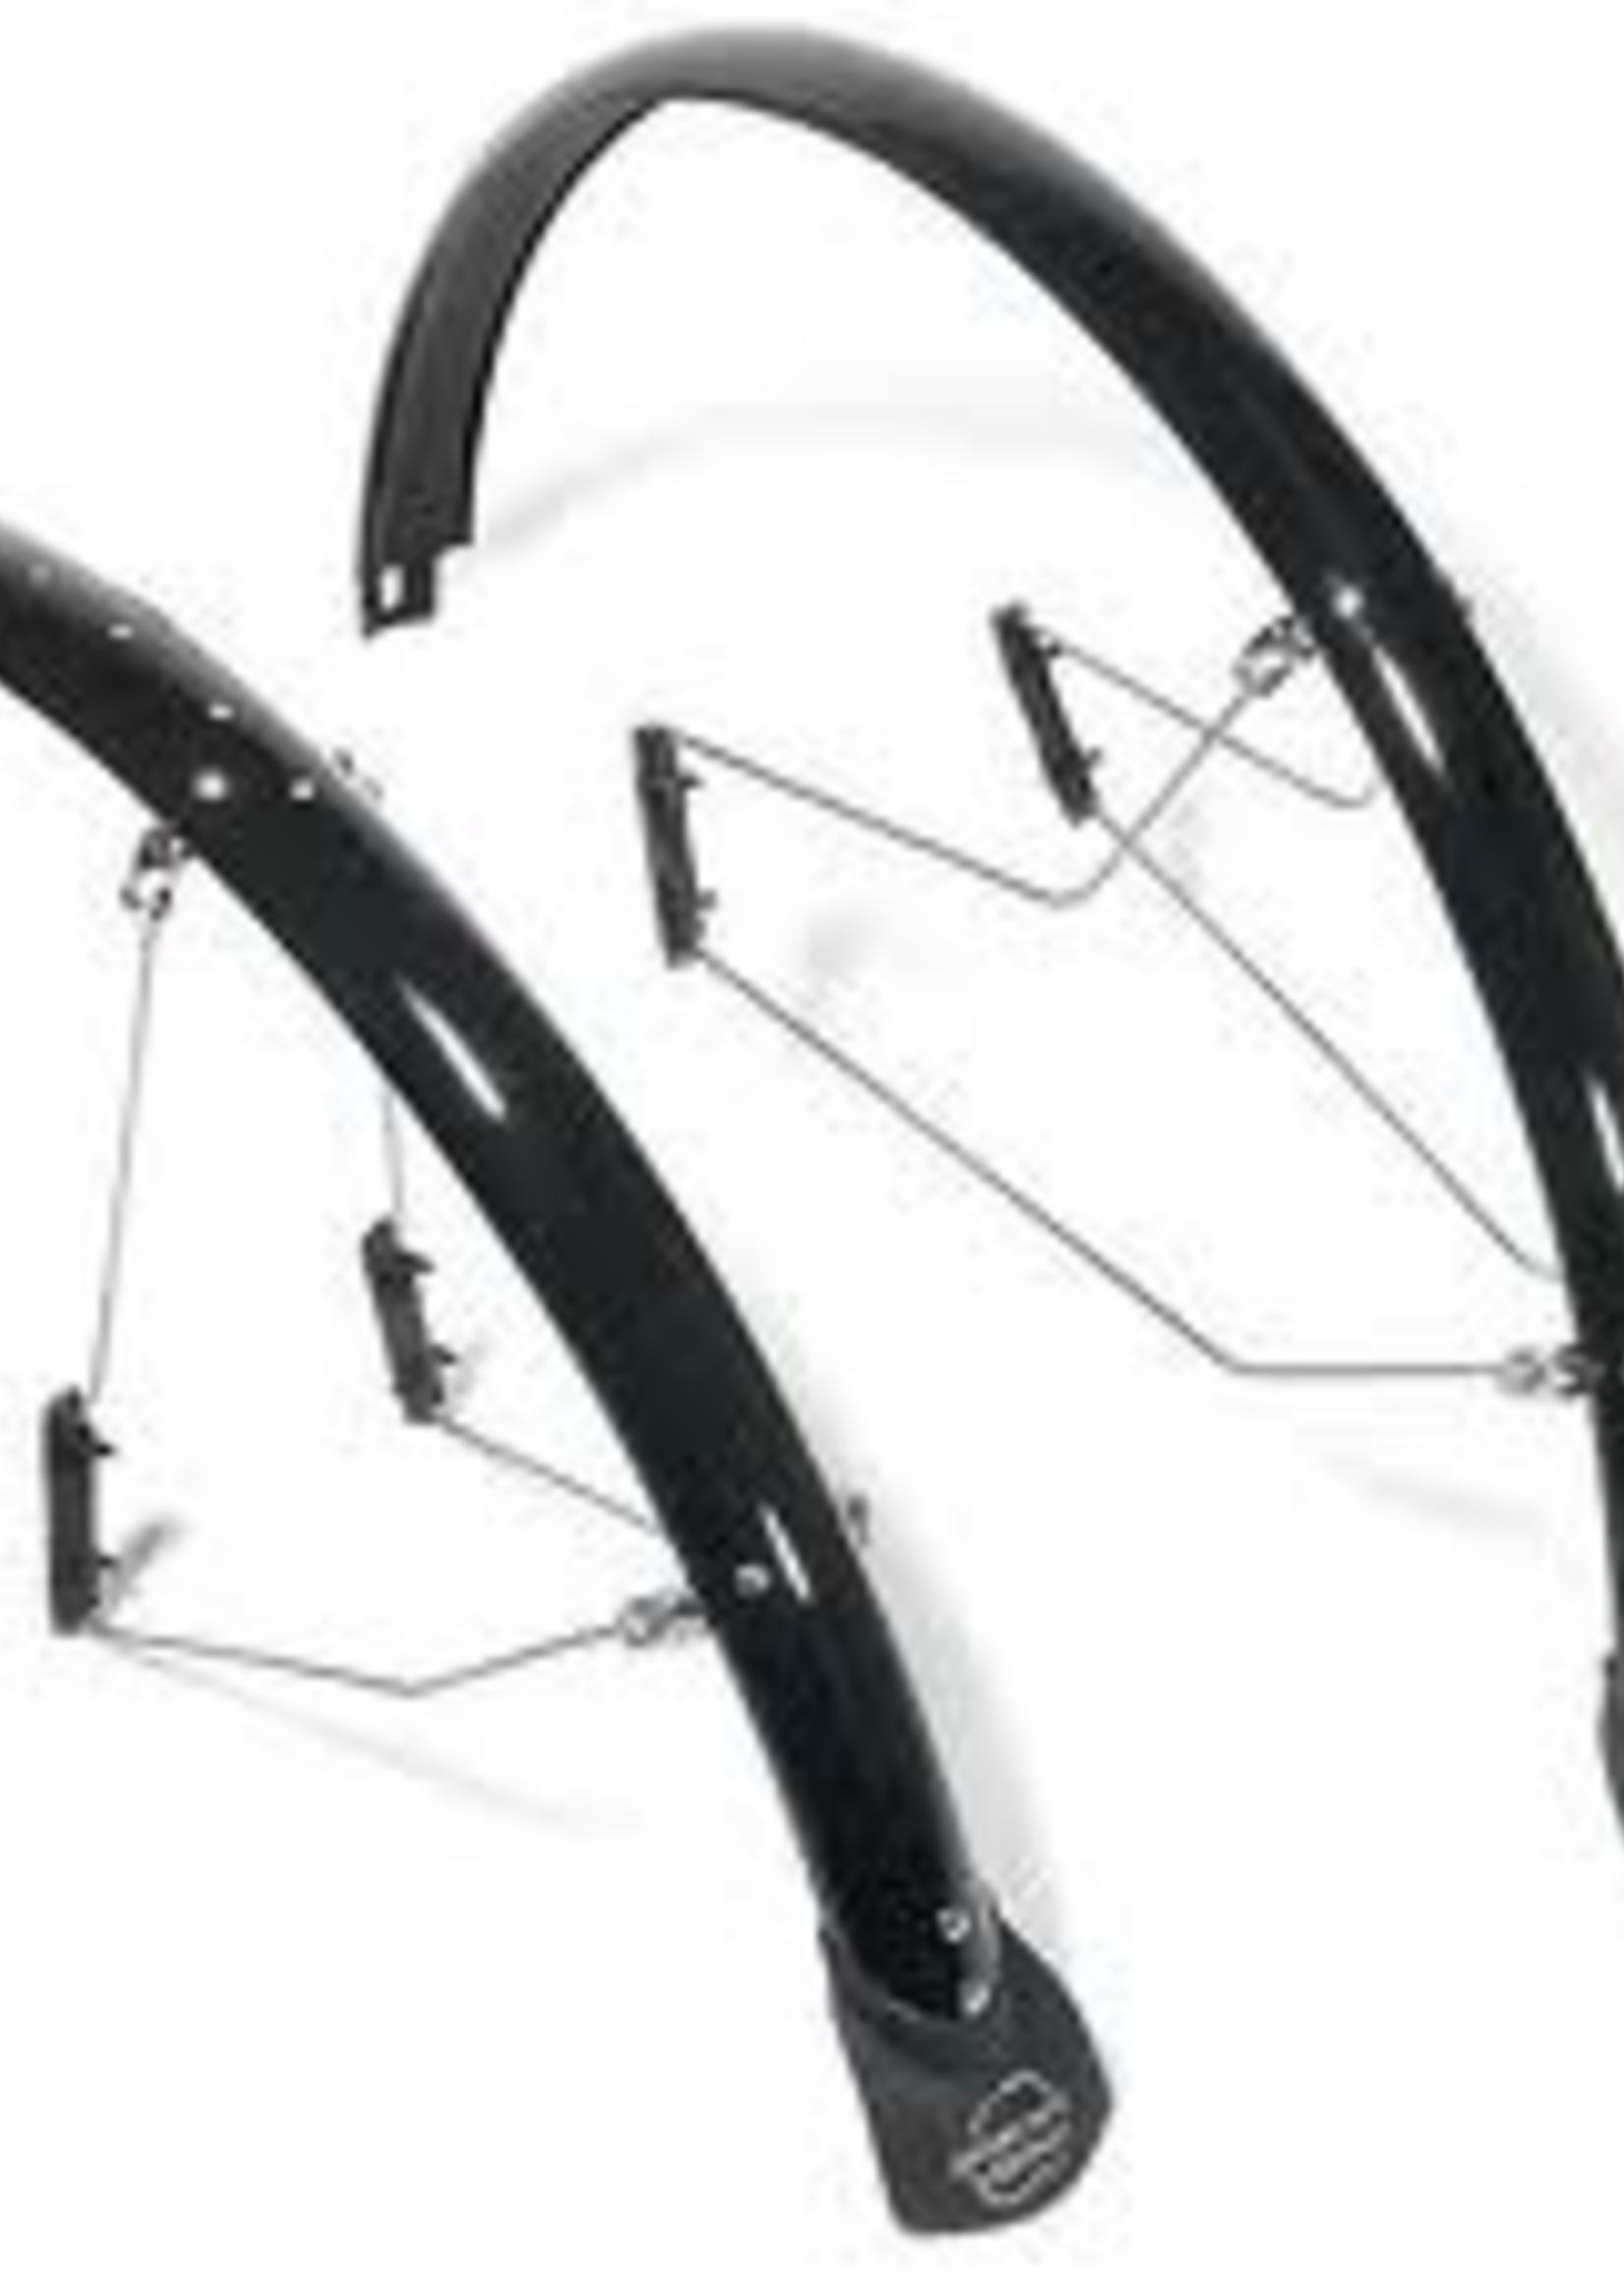 hybrid fender kit 700x28-45